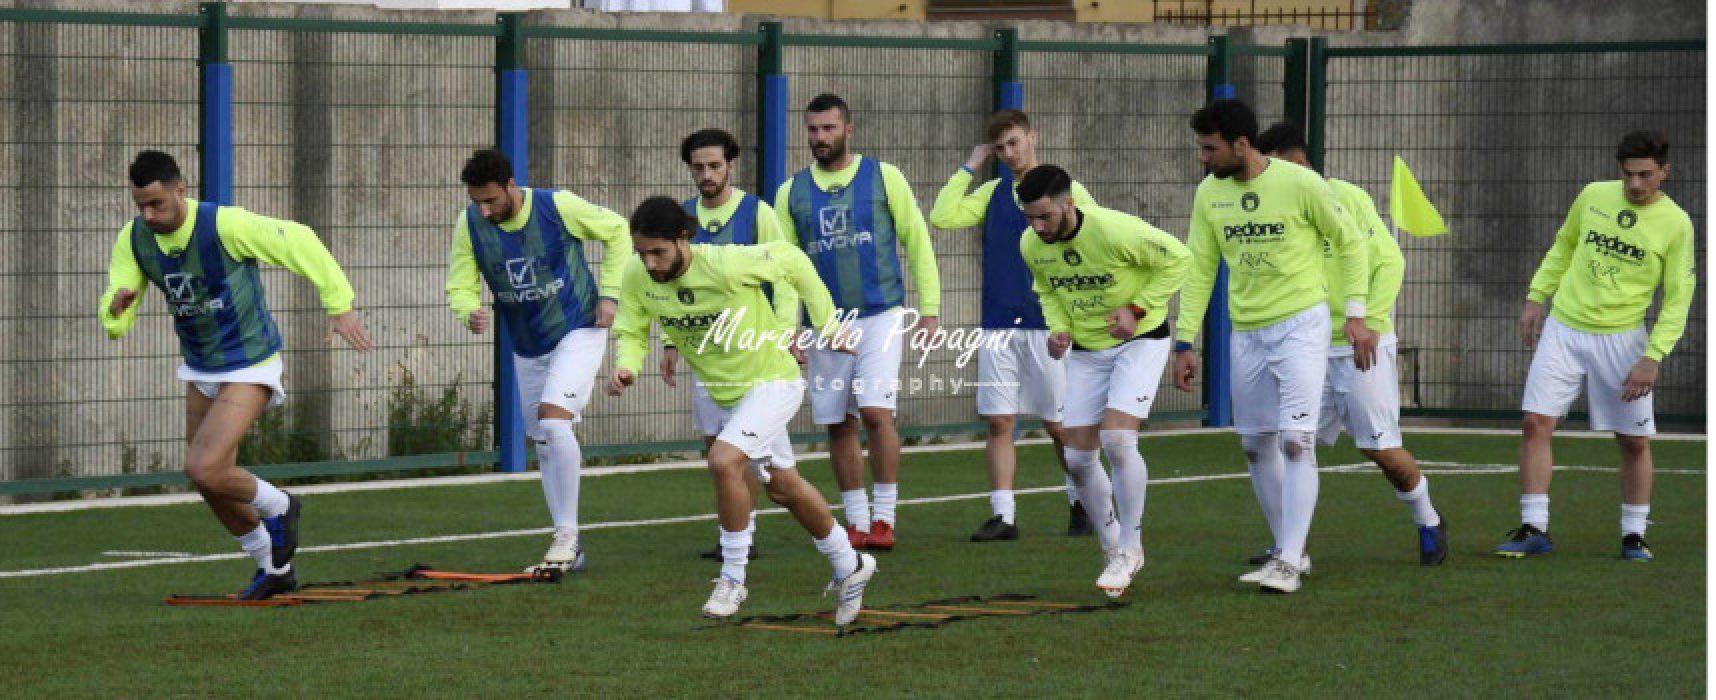 """Unione Calcio a caccia dei tre punti al """"Di Liddo"""" nel derby contro la Vigor Trani"""